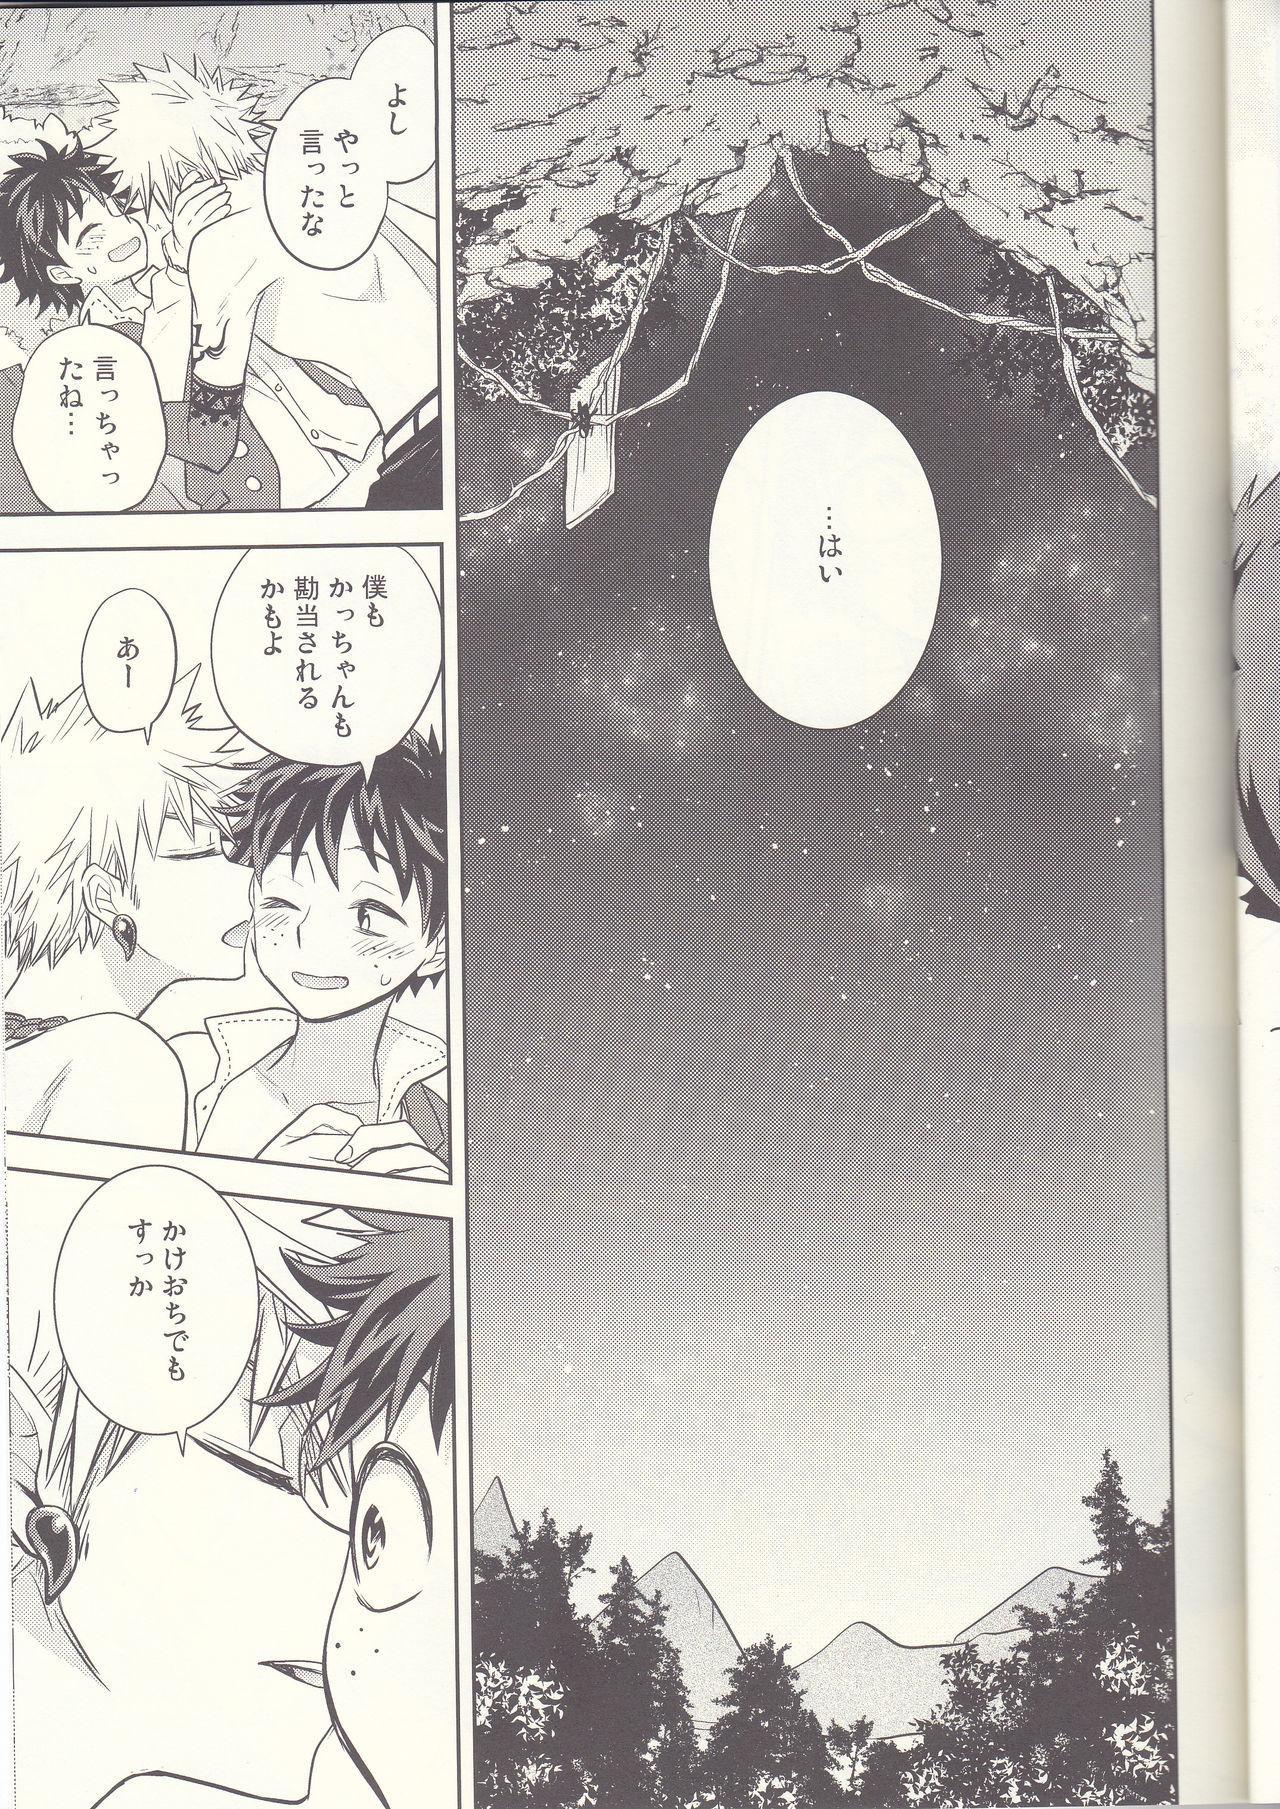 Akatsuki no Agito 23